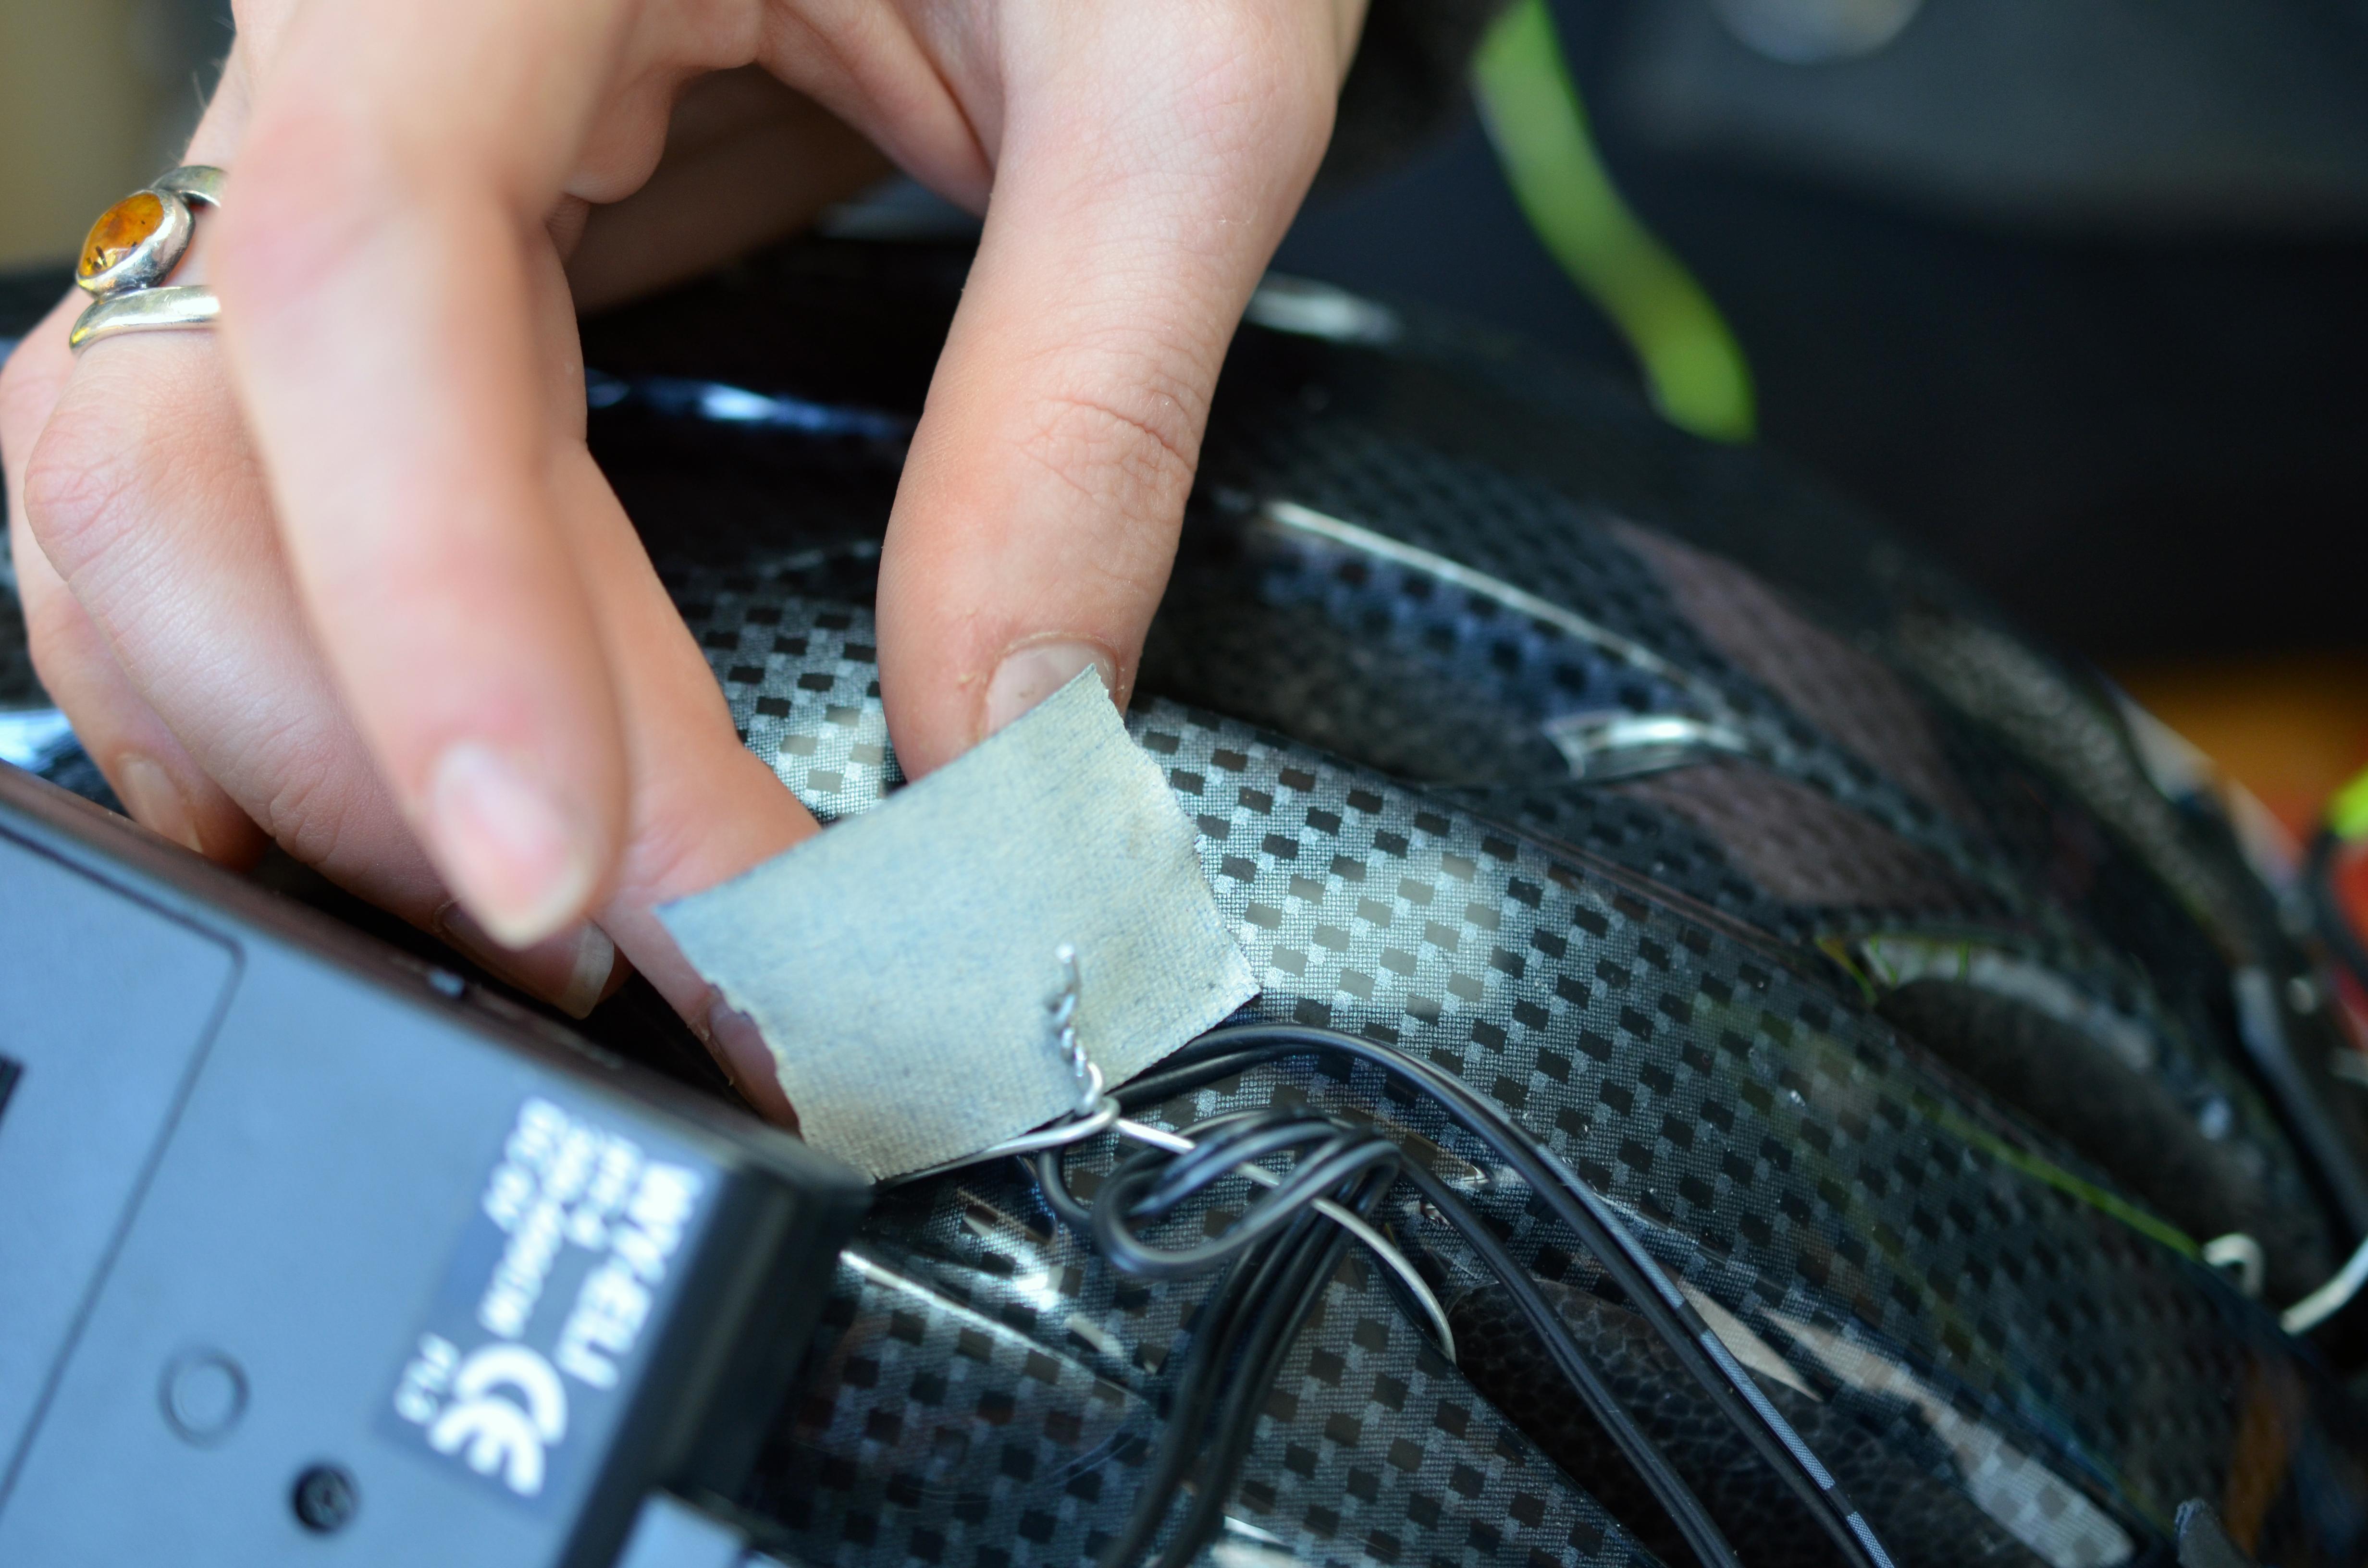 el_wire_tape_panel_el-wire-mask-adafruit-29.jpg